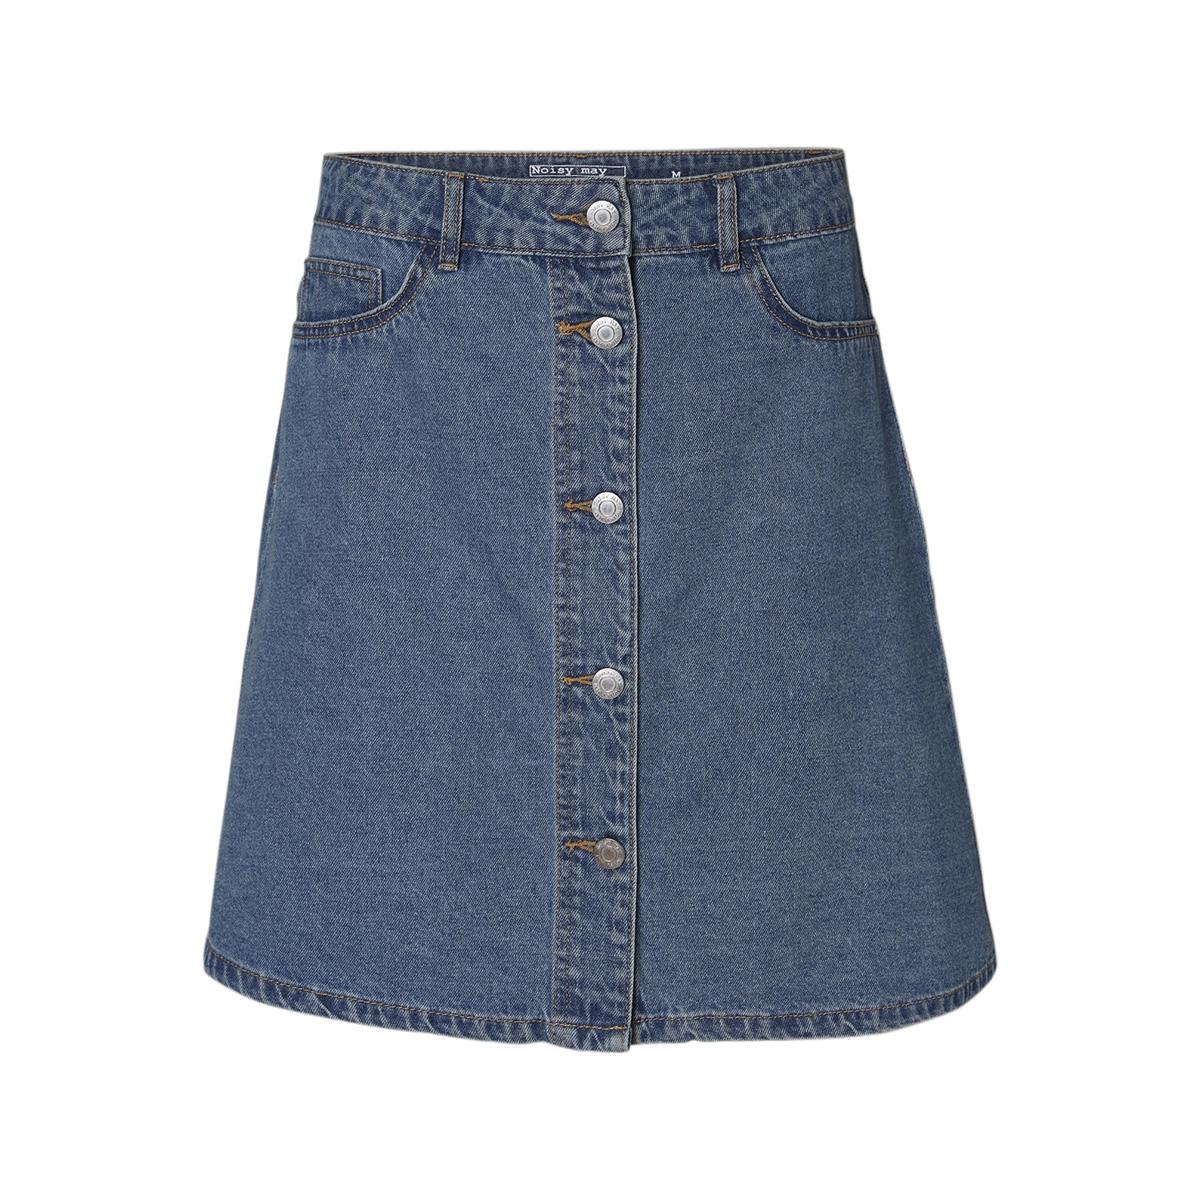 nmsunny shortdnm skater skirt gu123 27000431 noisy may rok medium blue denim